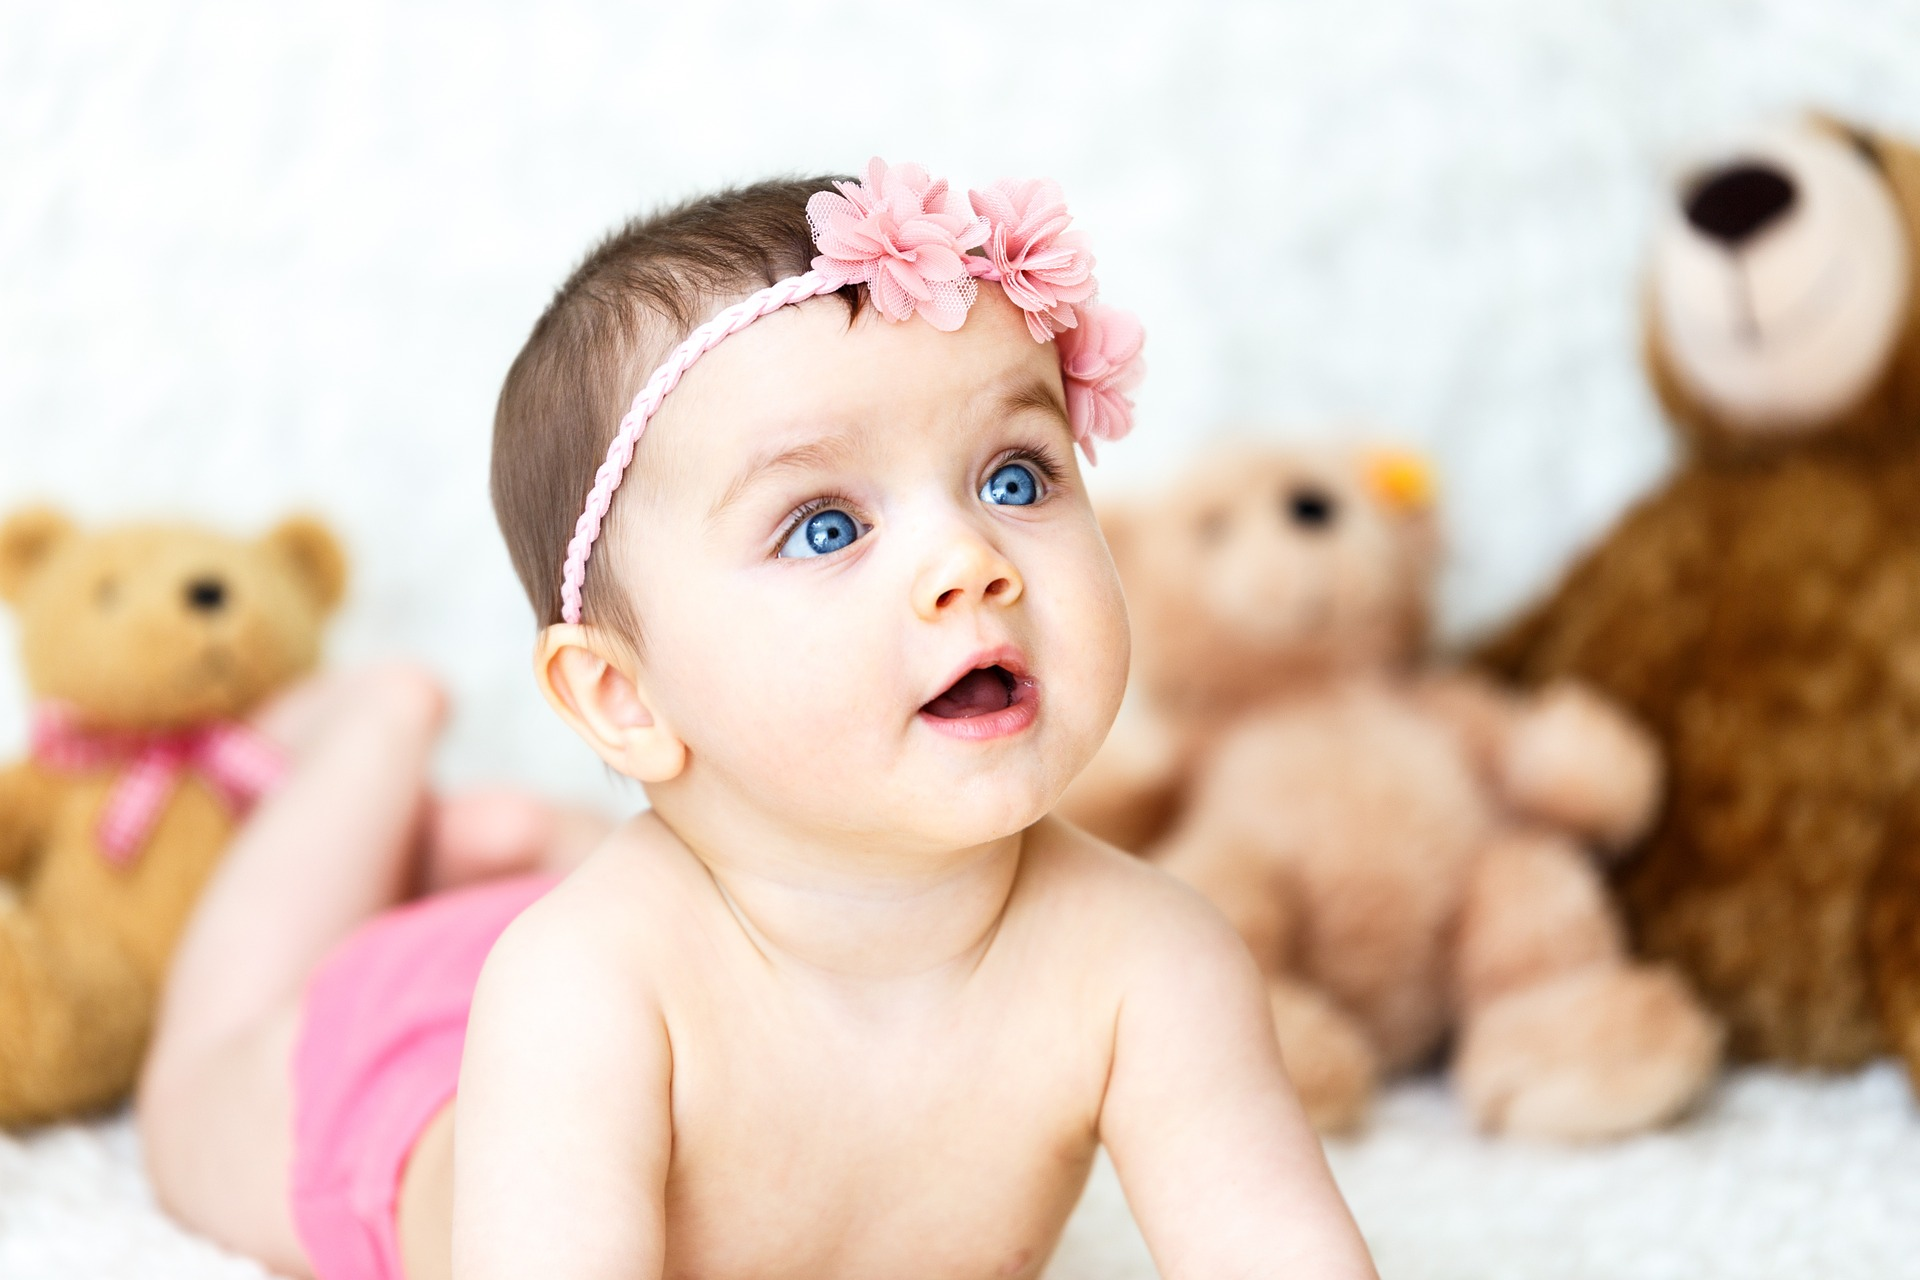 baby-1426631_1920